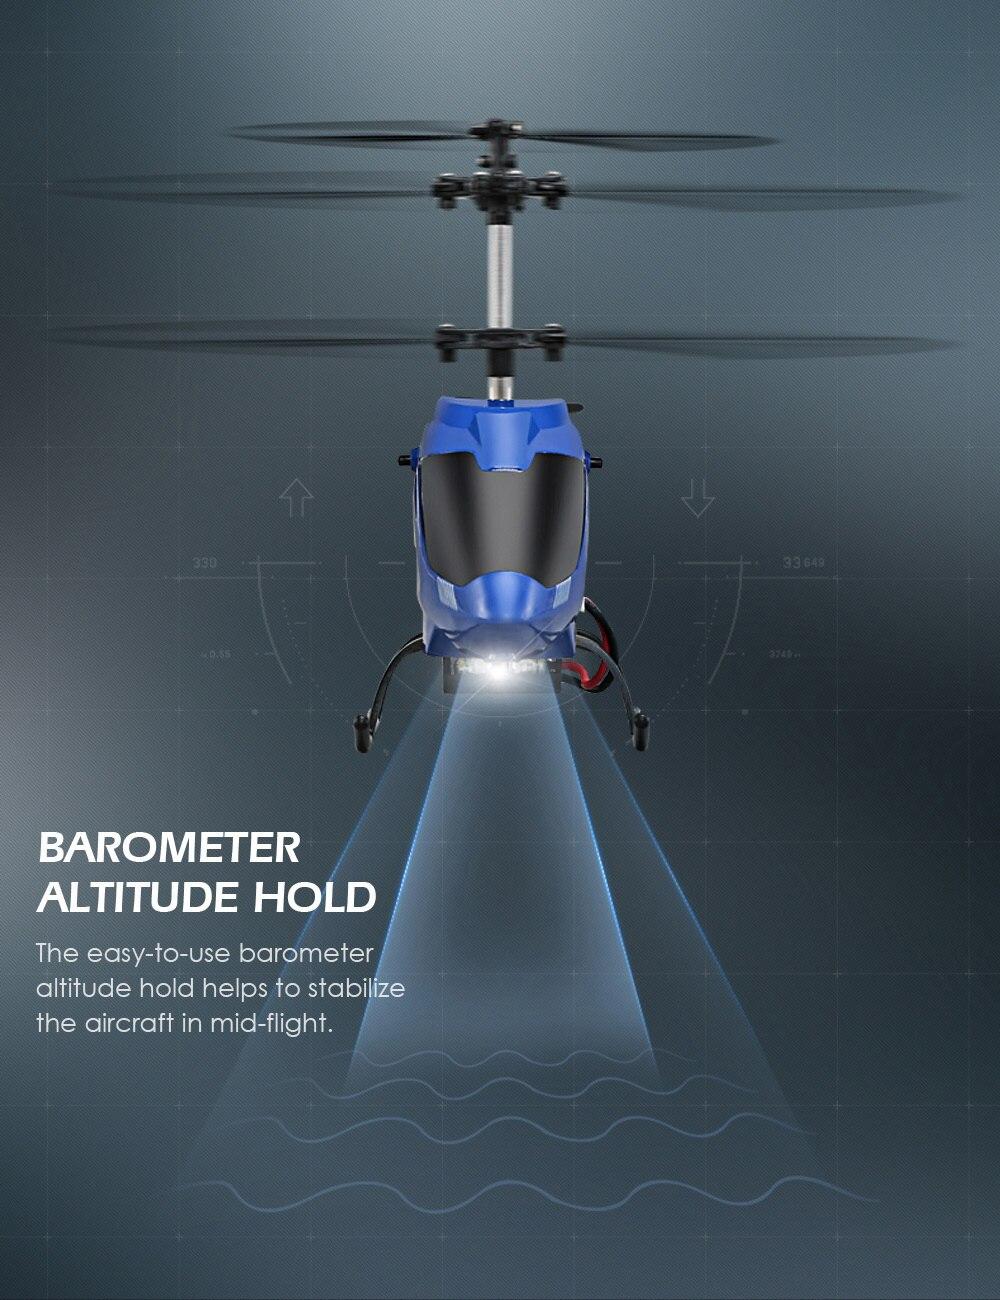 ヘリコプターバロメーター高度ホールドと強力なパワーアルミ合金建設ラジオコントロール Honnomushi.com Ngultrum 今週の割引 4